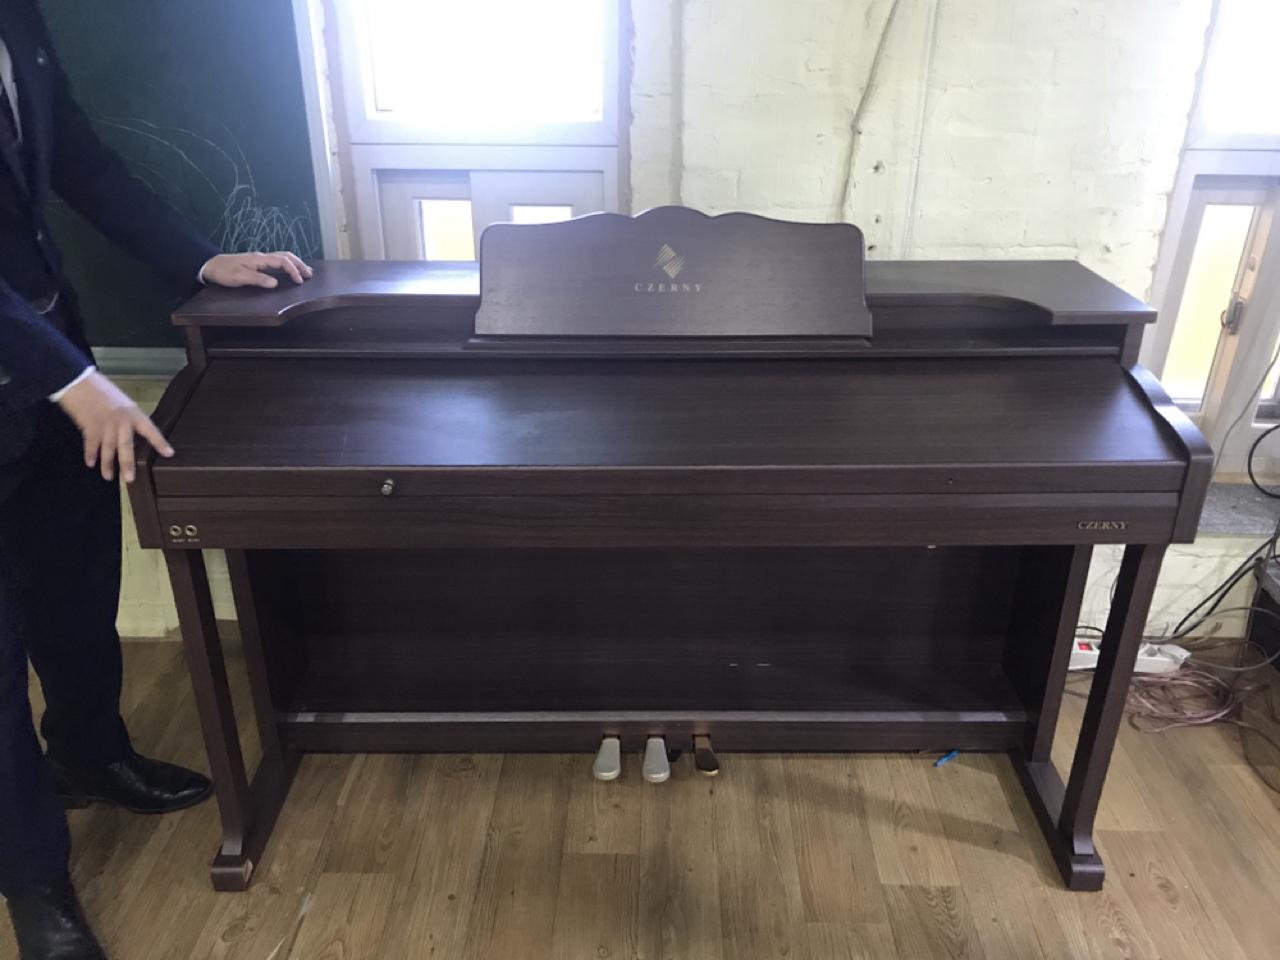 체르니 전자 피아노 무료나눔(용달차/인원3-4 필요)